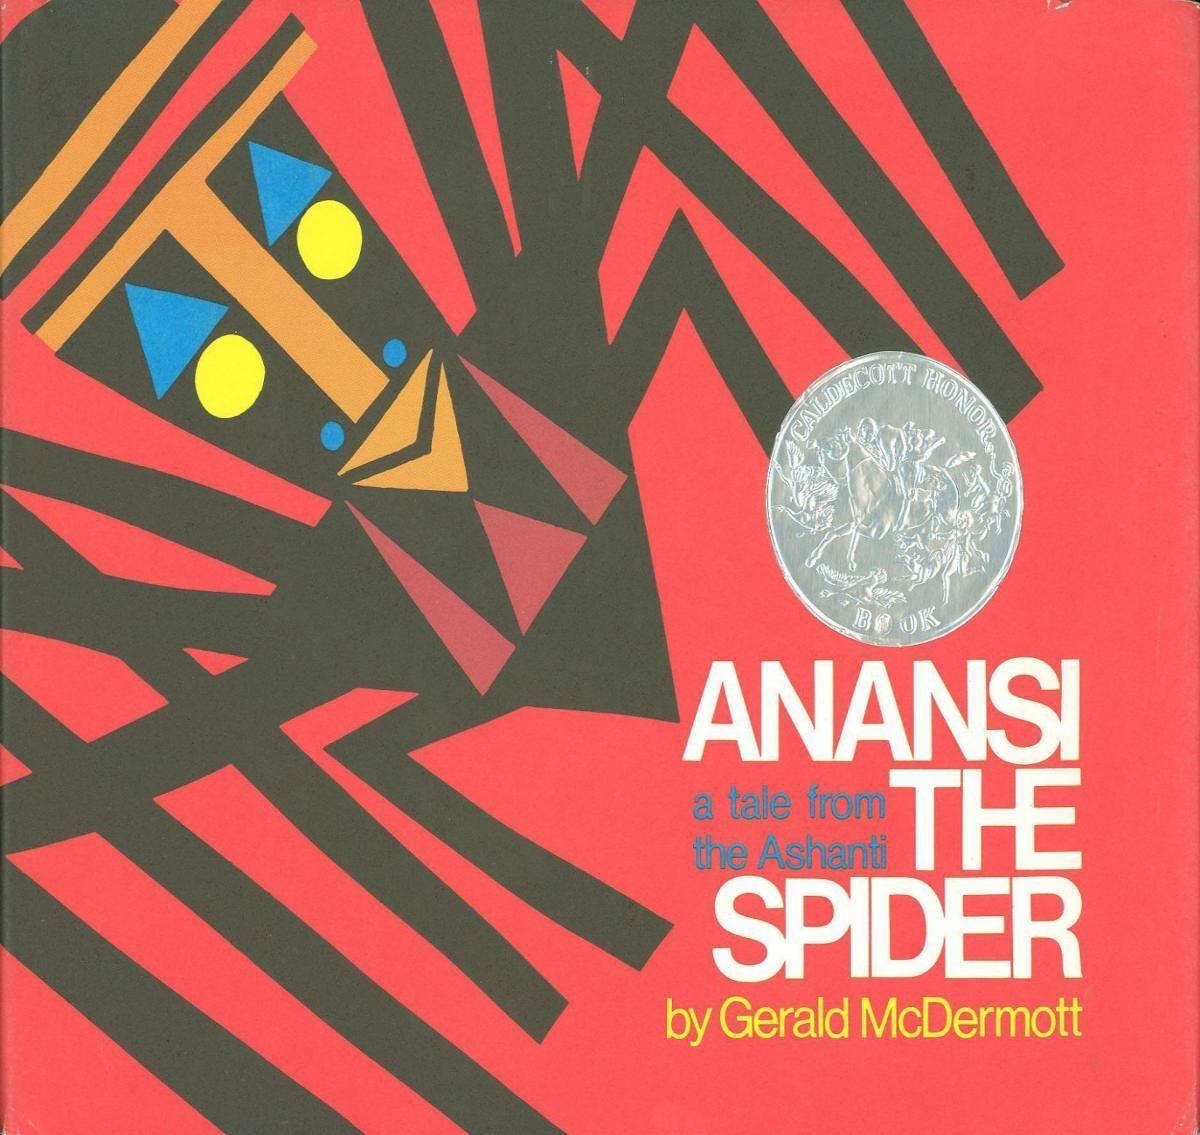 Anansi The Spider Nostalgia